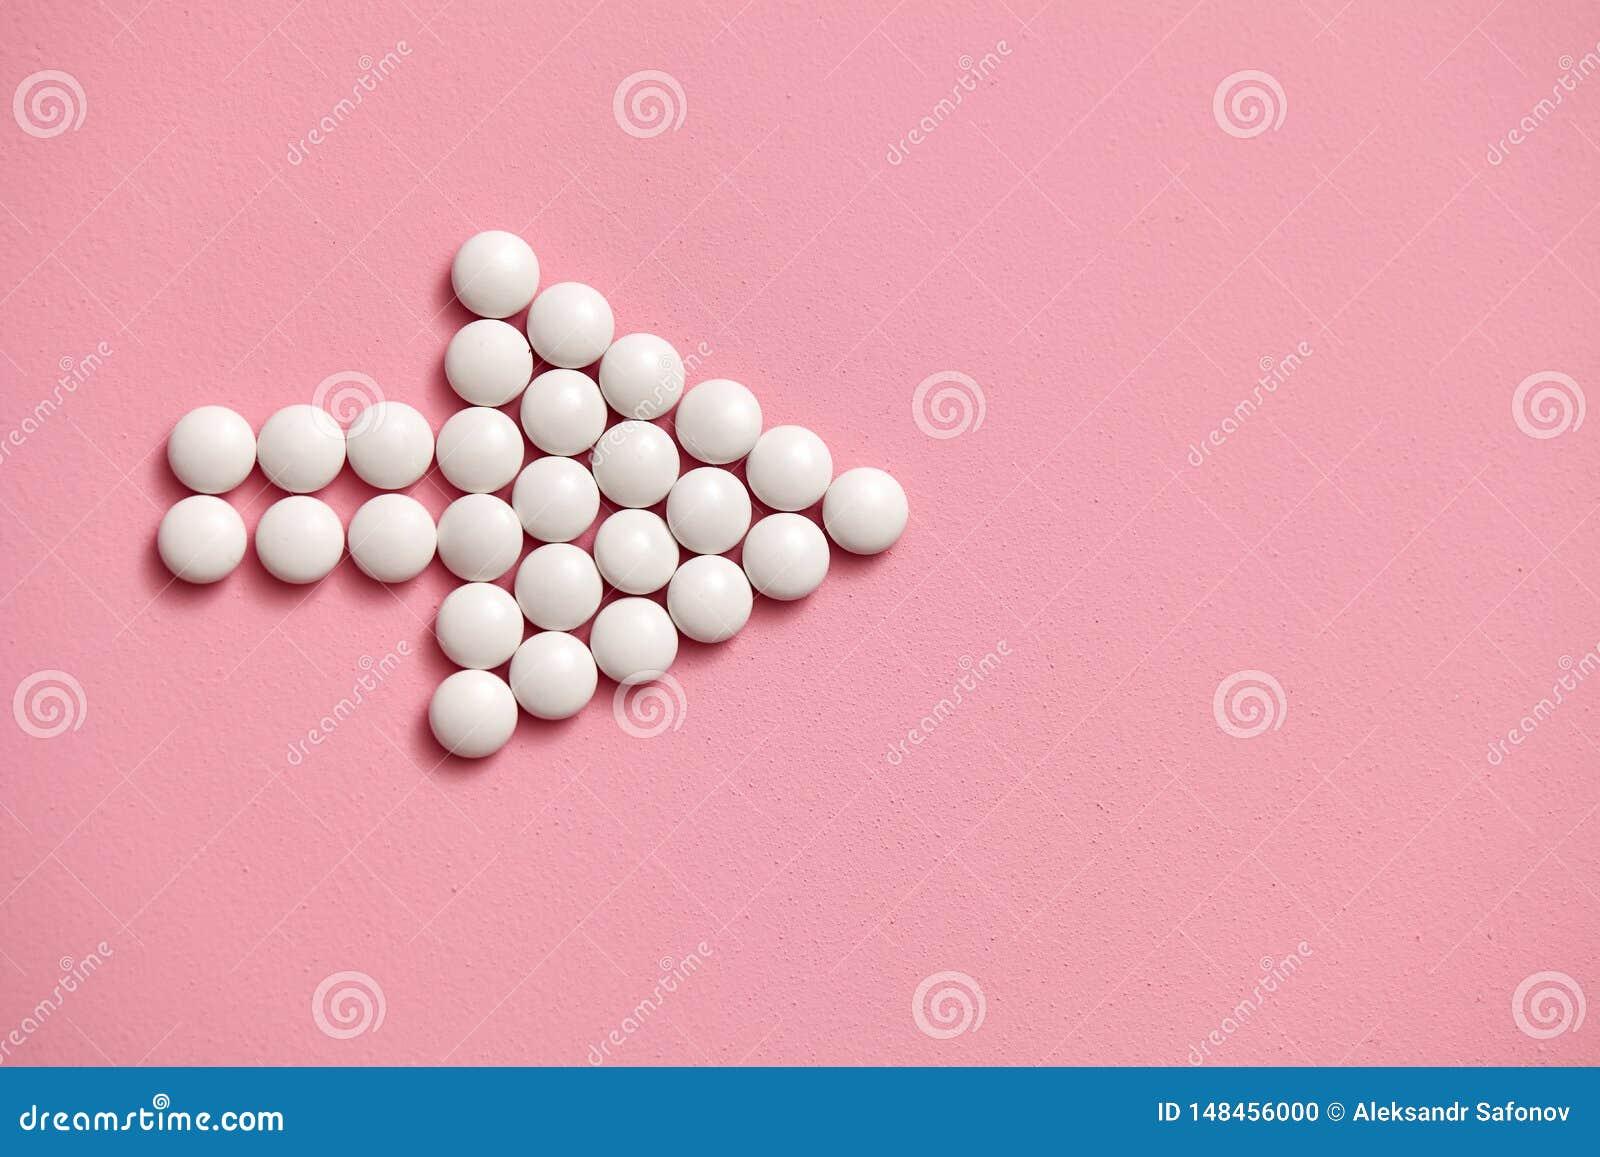 Le signe de flèche est garni des comprimés blancs et ronds sur un fond rose